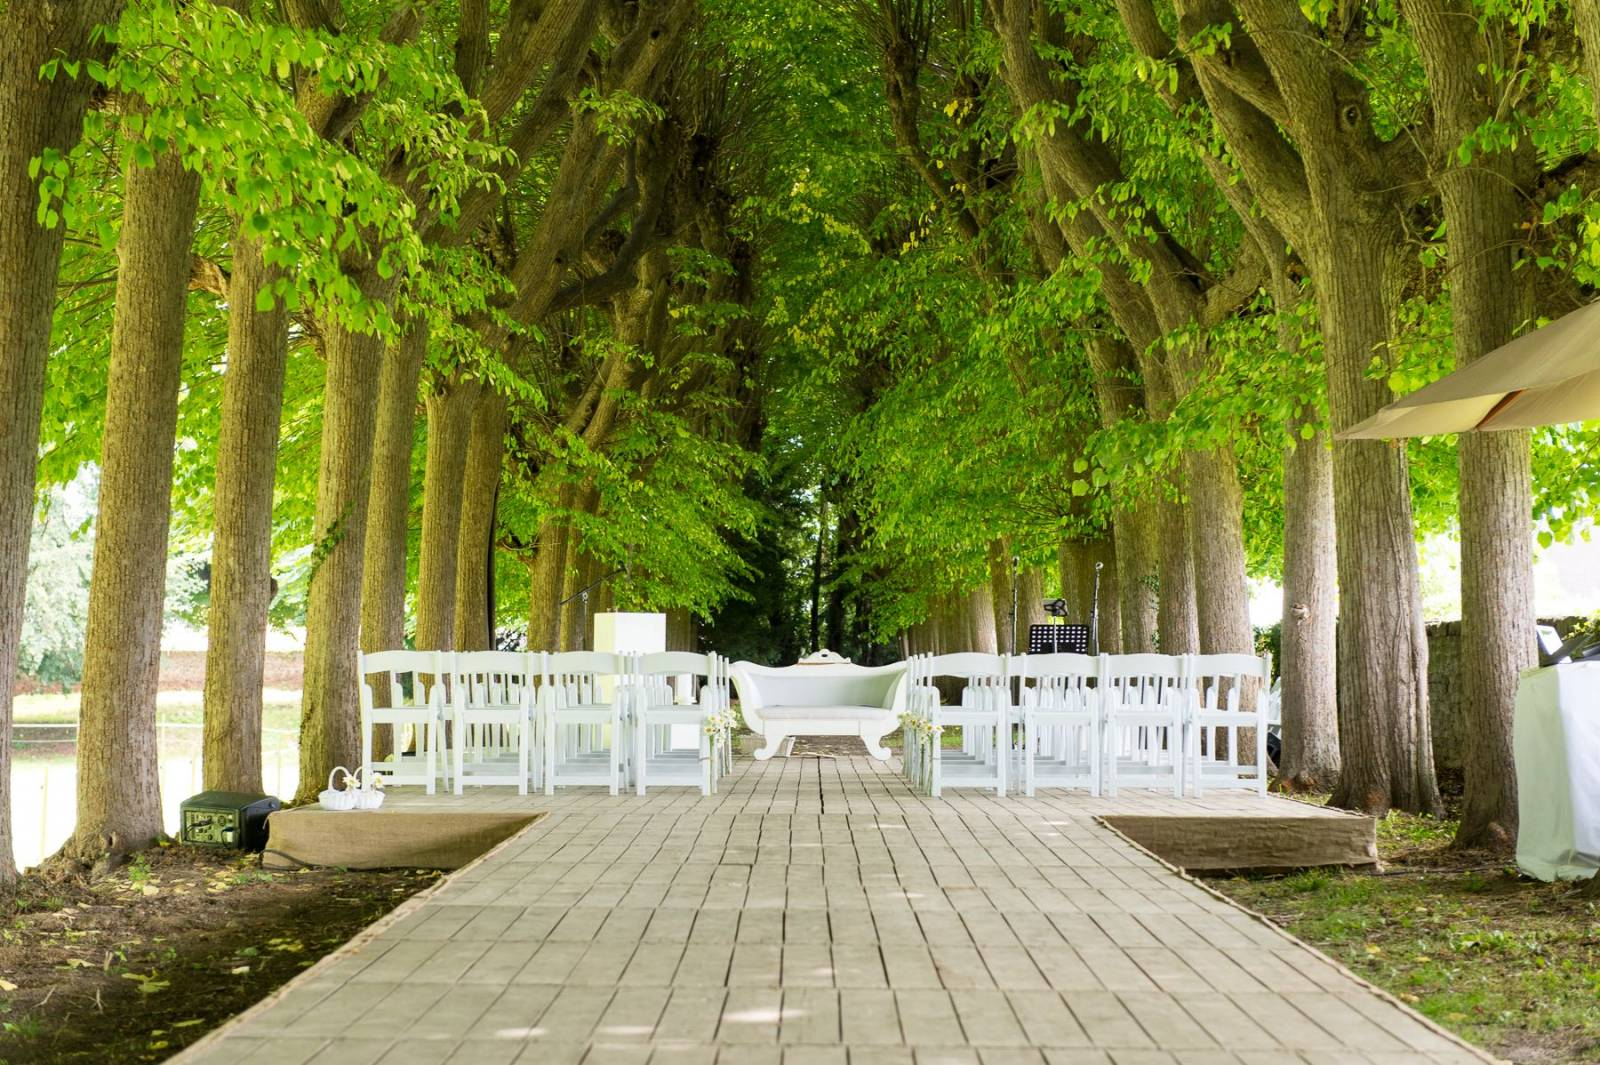 Tine De Donder - Huwelijksceremonie - Ceremoniespreker - Raf Ketelslagers en Ruud Lathouwers - House of Weddings 13